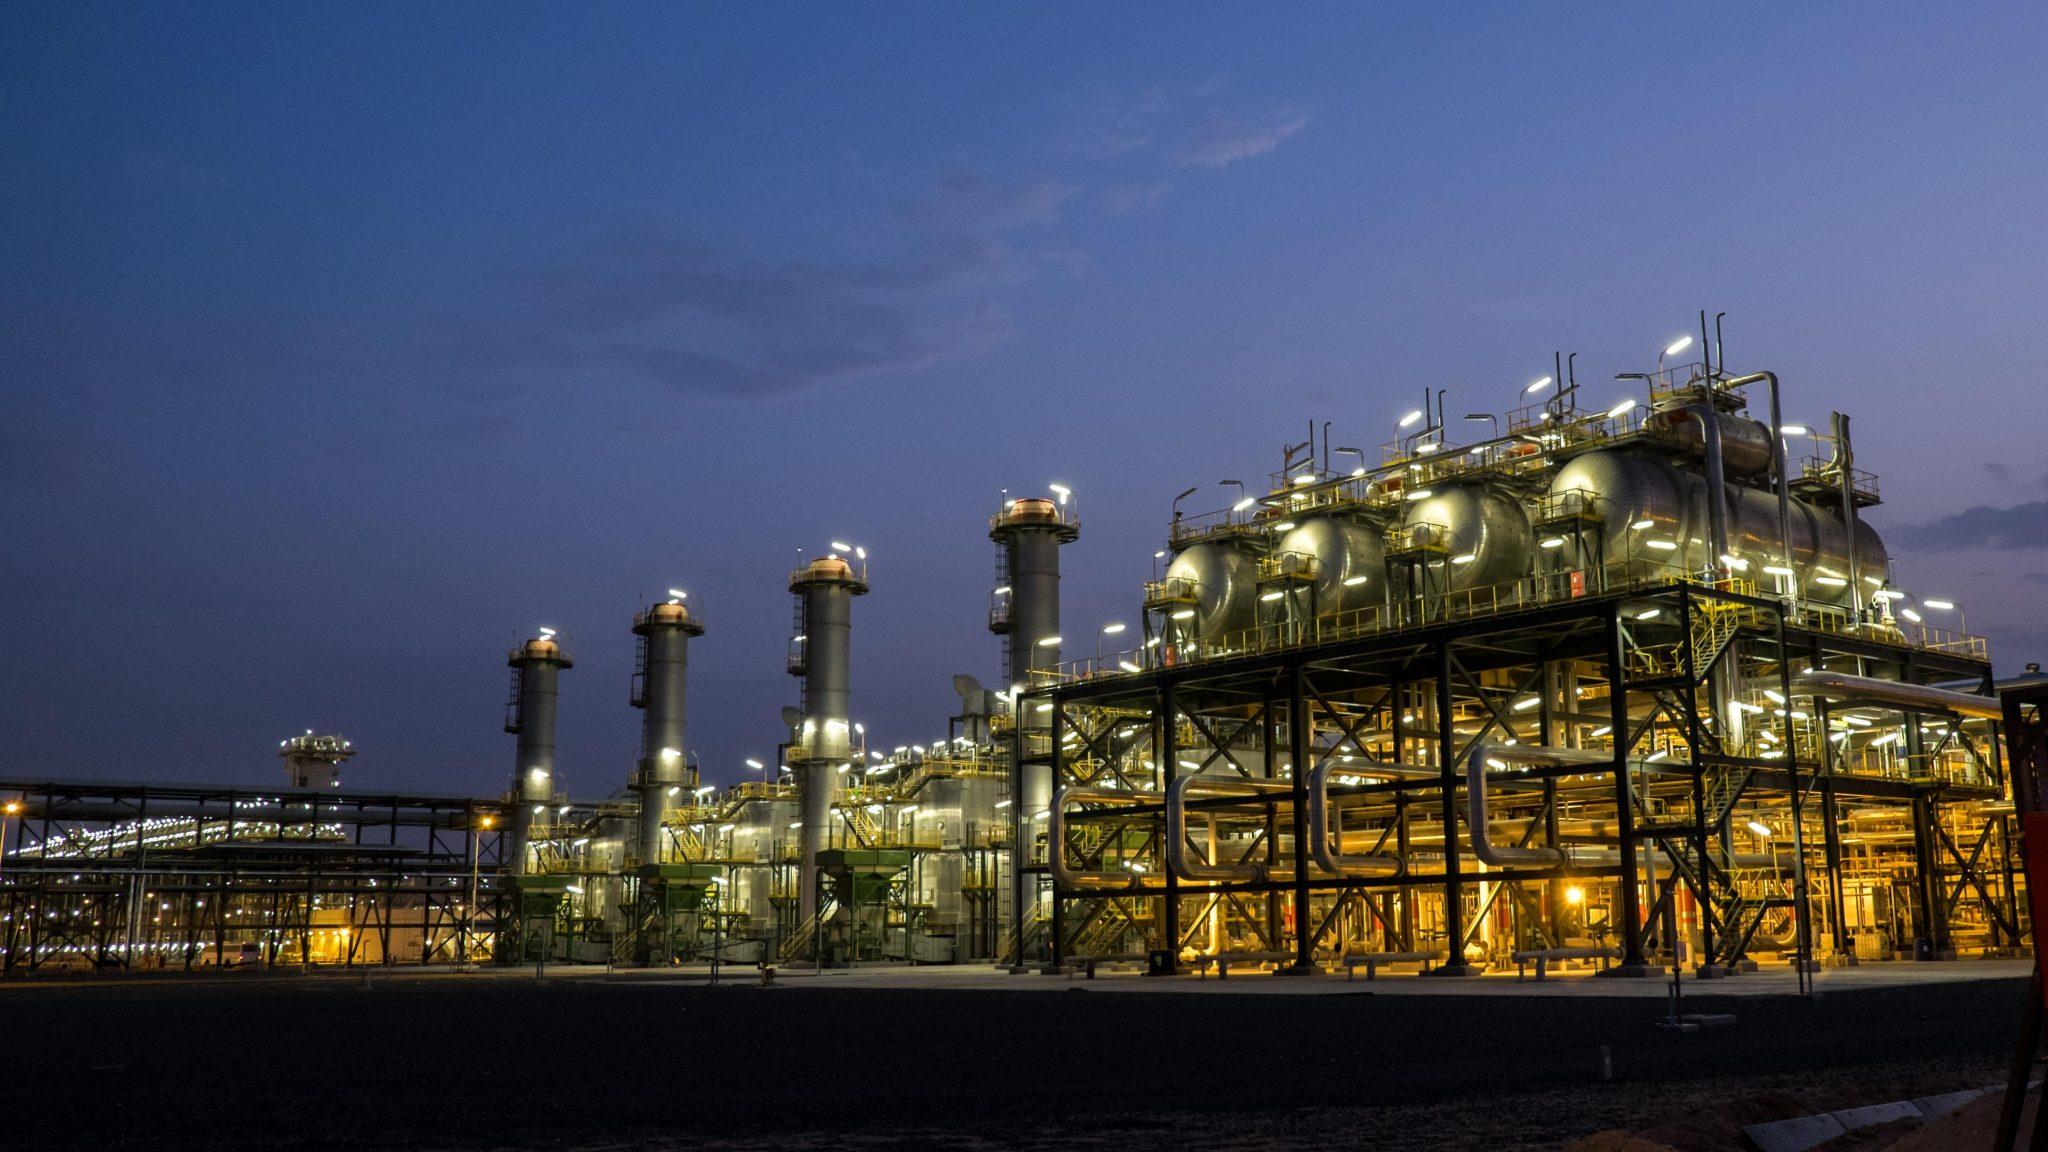 زیمنس در پروژه ارتقاء ایستگاه تقویت فشار گاز مصر مشارکت میکند